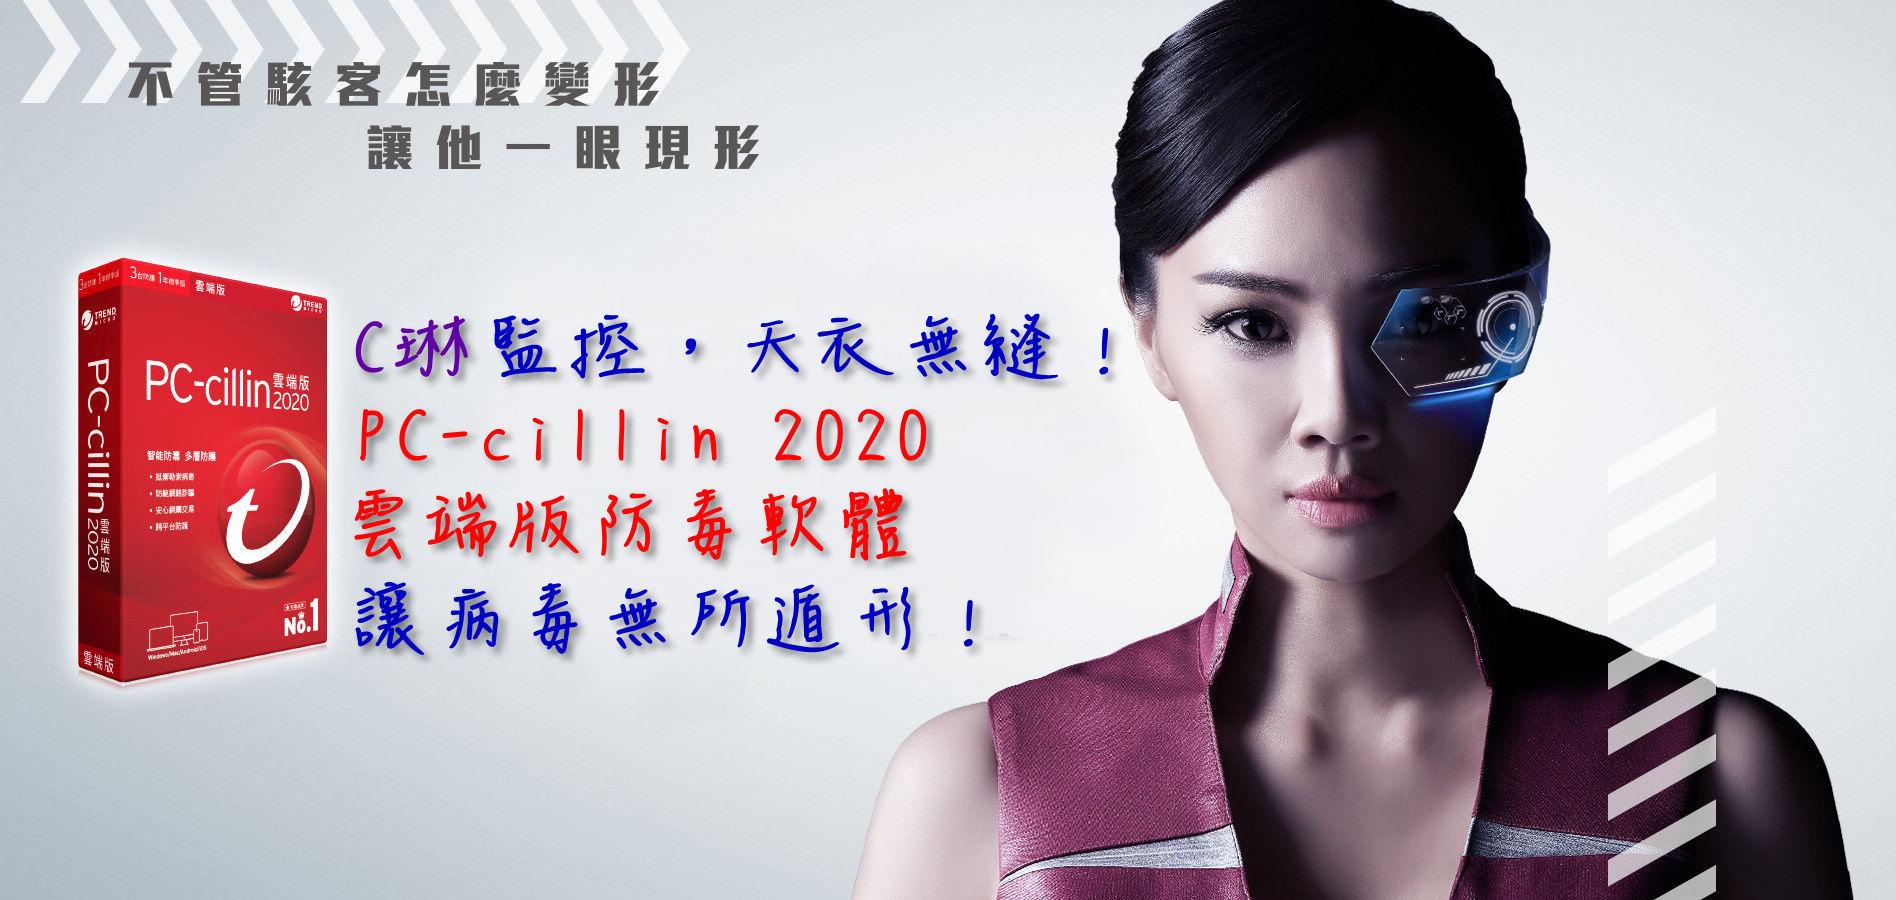 [心得] C琳監控,天衣無縫!PC-cillin 2020 雲端版防毒軟體 讓病毒無所遁形!